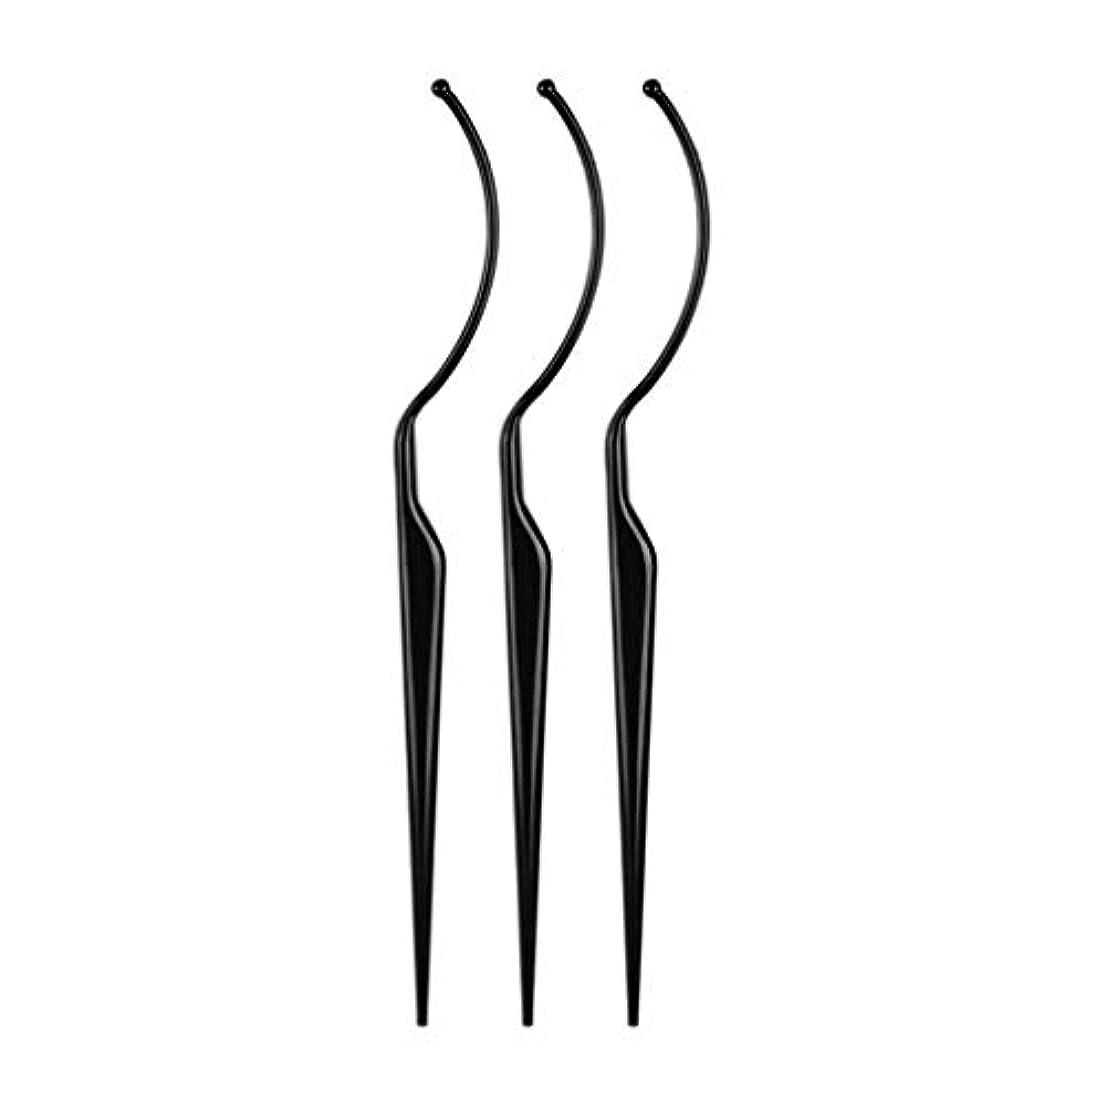 しかしながらハント断片まつげ ディスプレイ まつげ エクステンション ピンセット つけまつげ専用ピンセット 耐久性 軽量 全2色 - ブラック